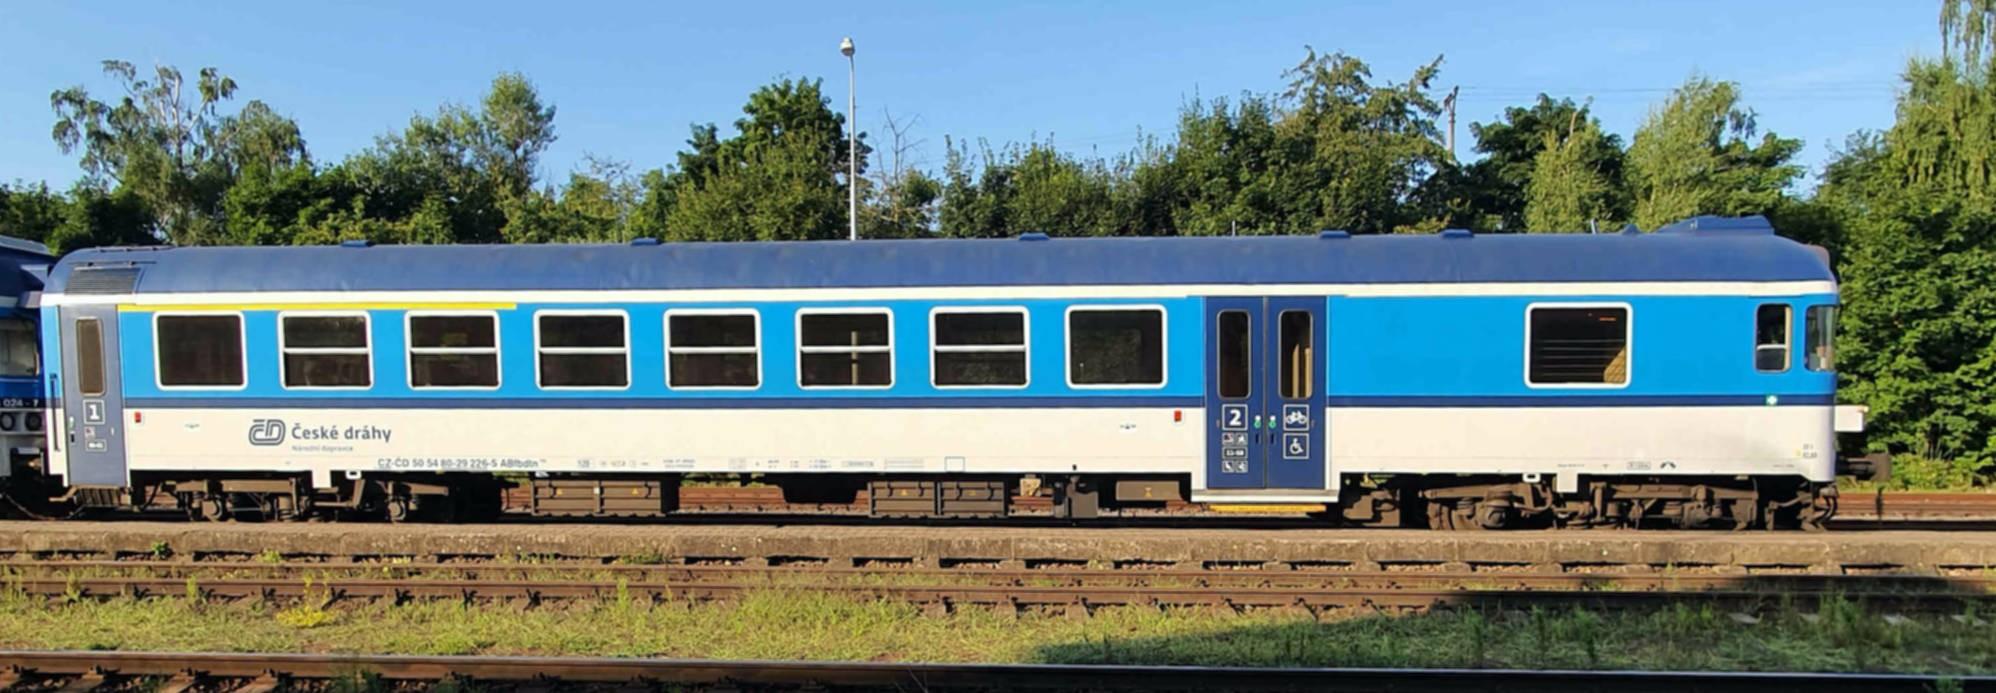 Popis vozu ABfbrdtn 795